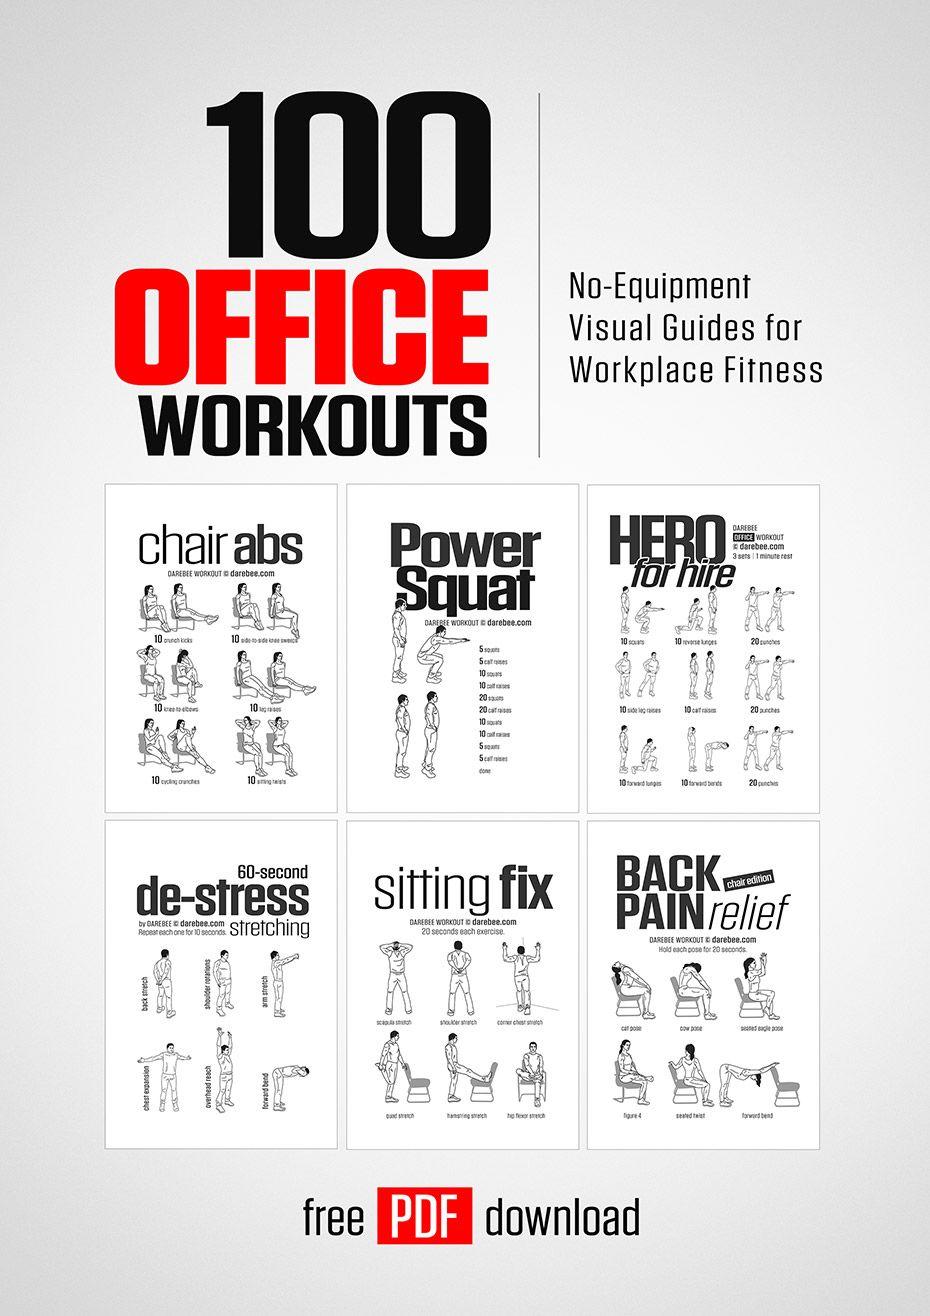 100 office workouts by darebee darebee office fitness men